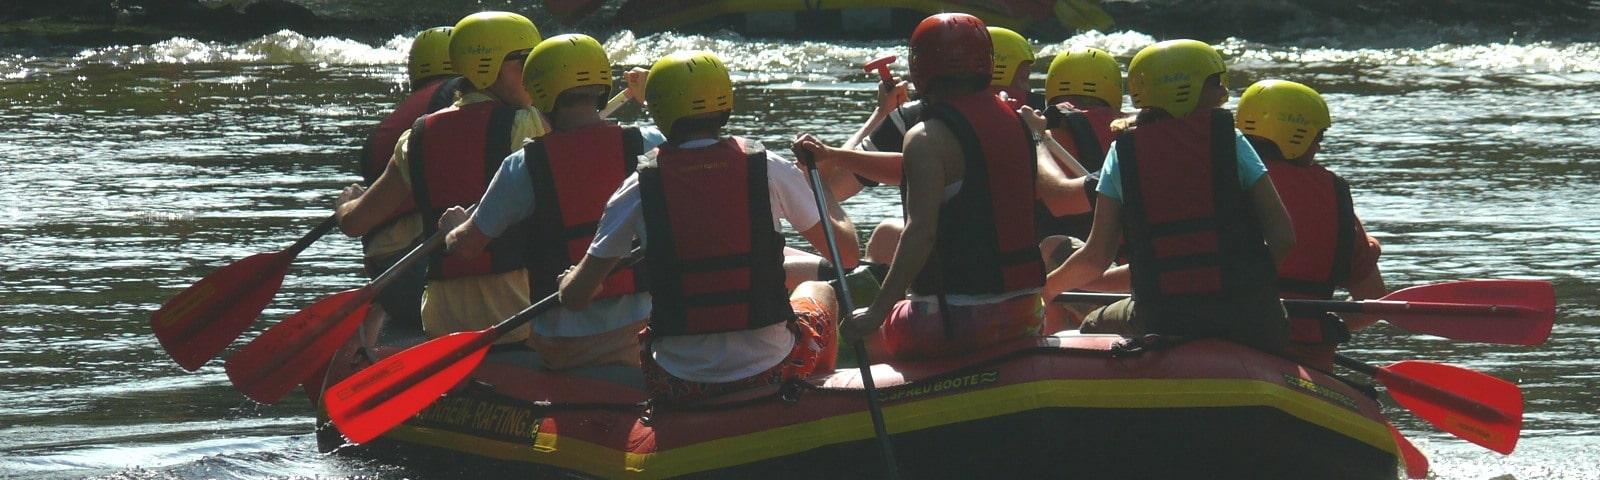 Rhein Rafting für Schulklassen